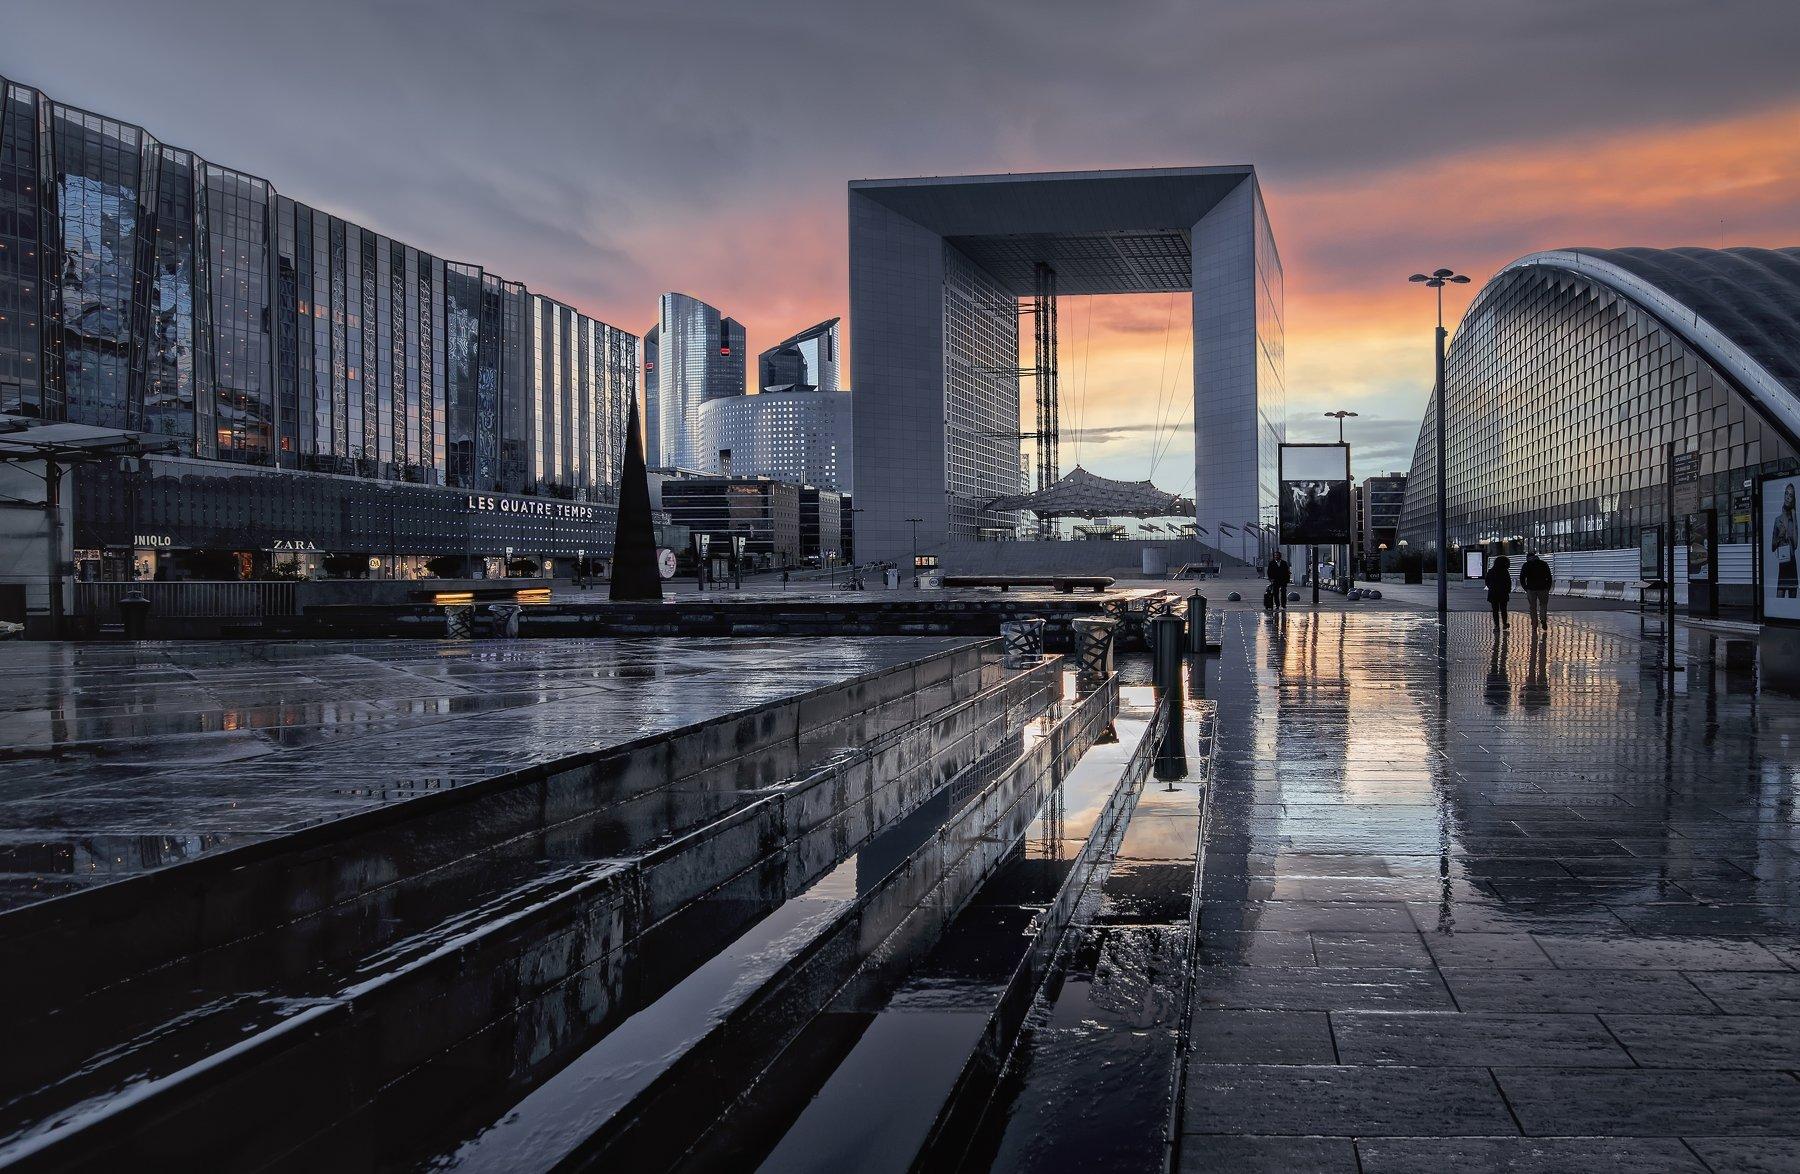 город,площадь,архиетктура,дождь,лужи,свет,блики,отражения, Тамара